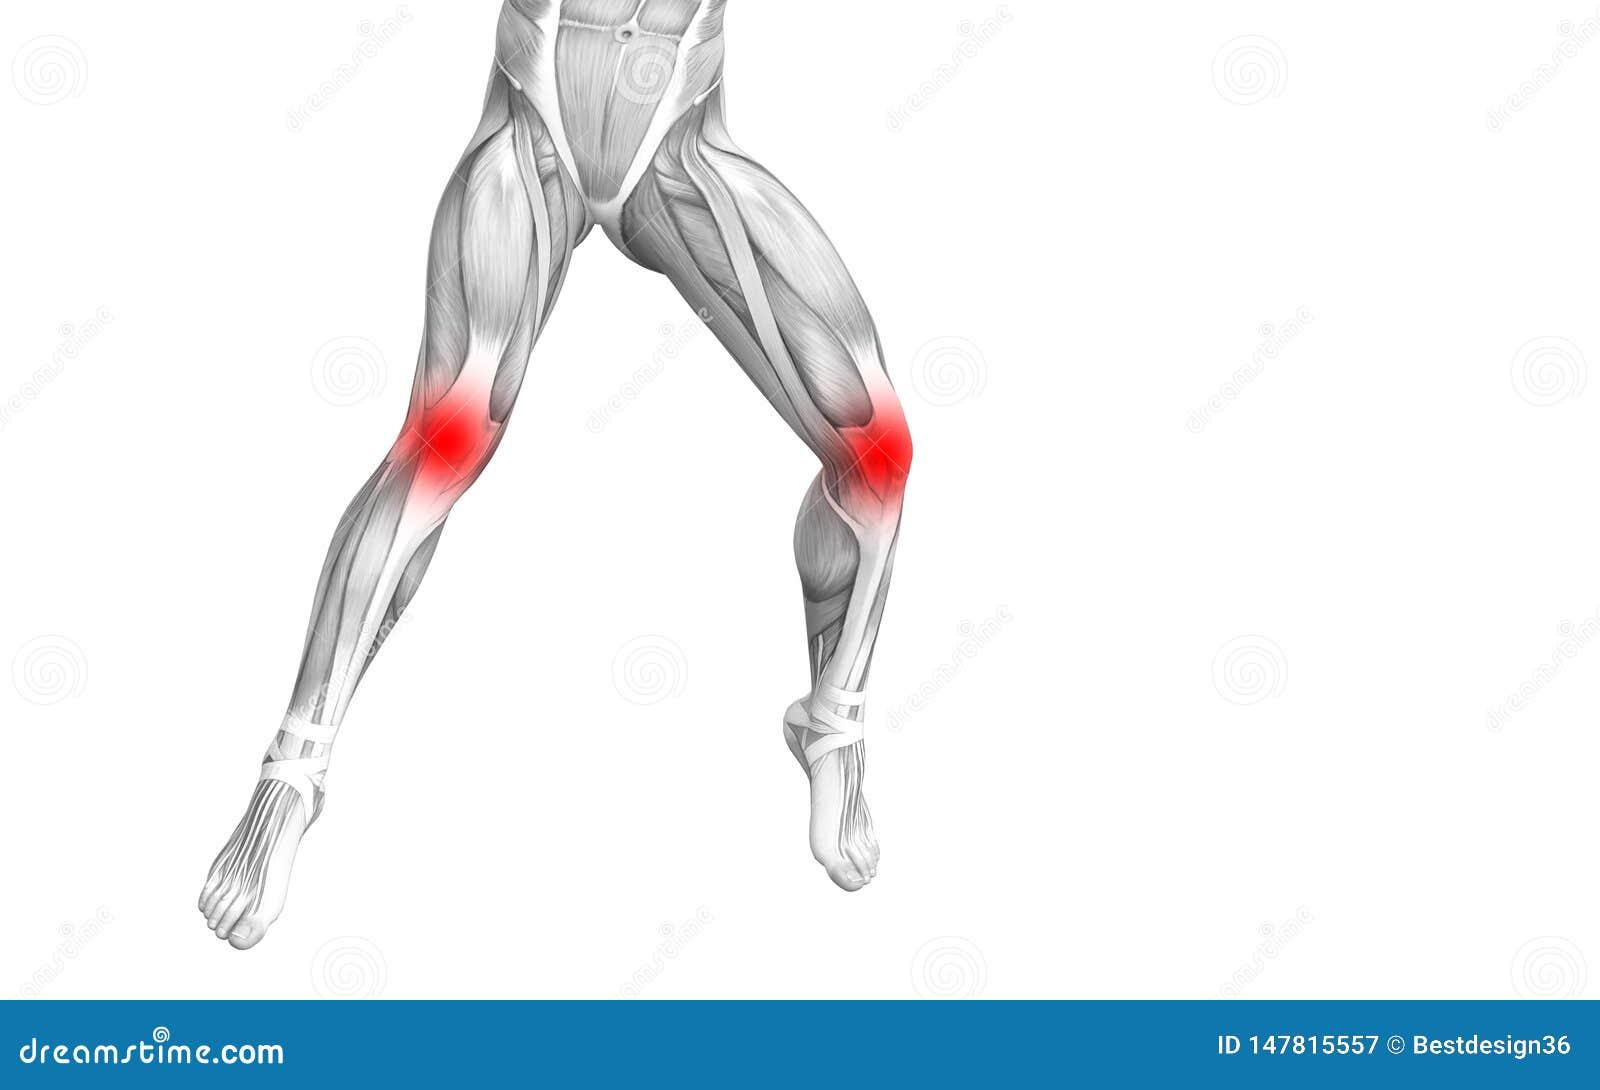 Anatomia humana do joelho com inflama??o encarnado do ponto